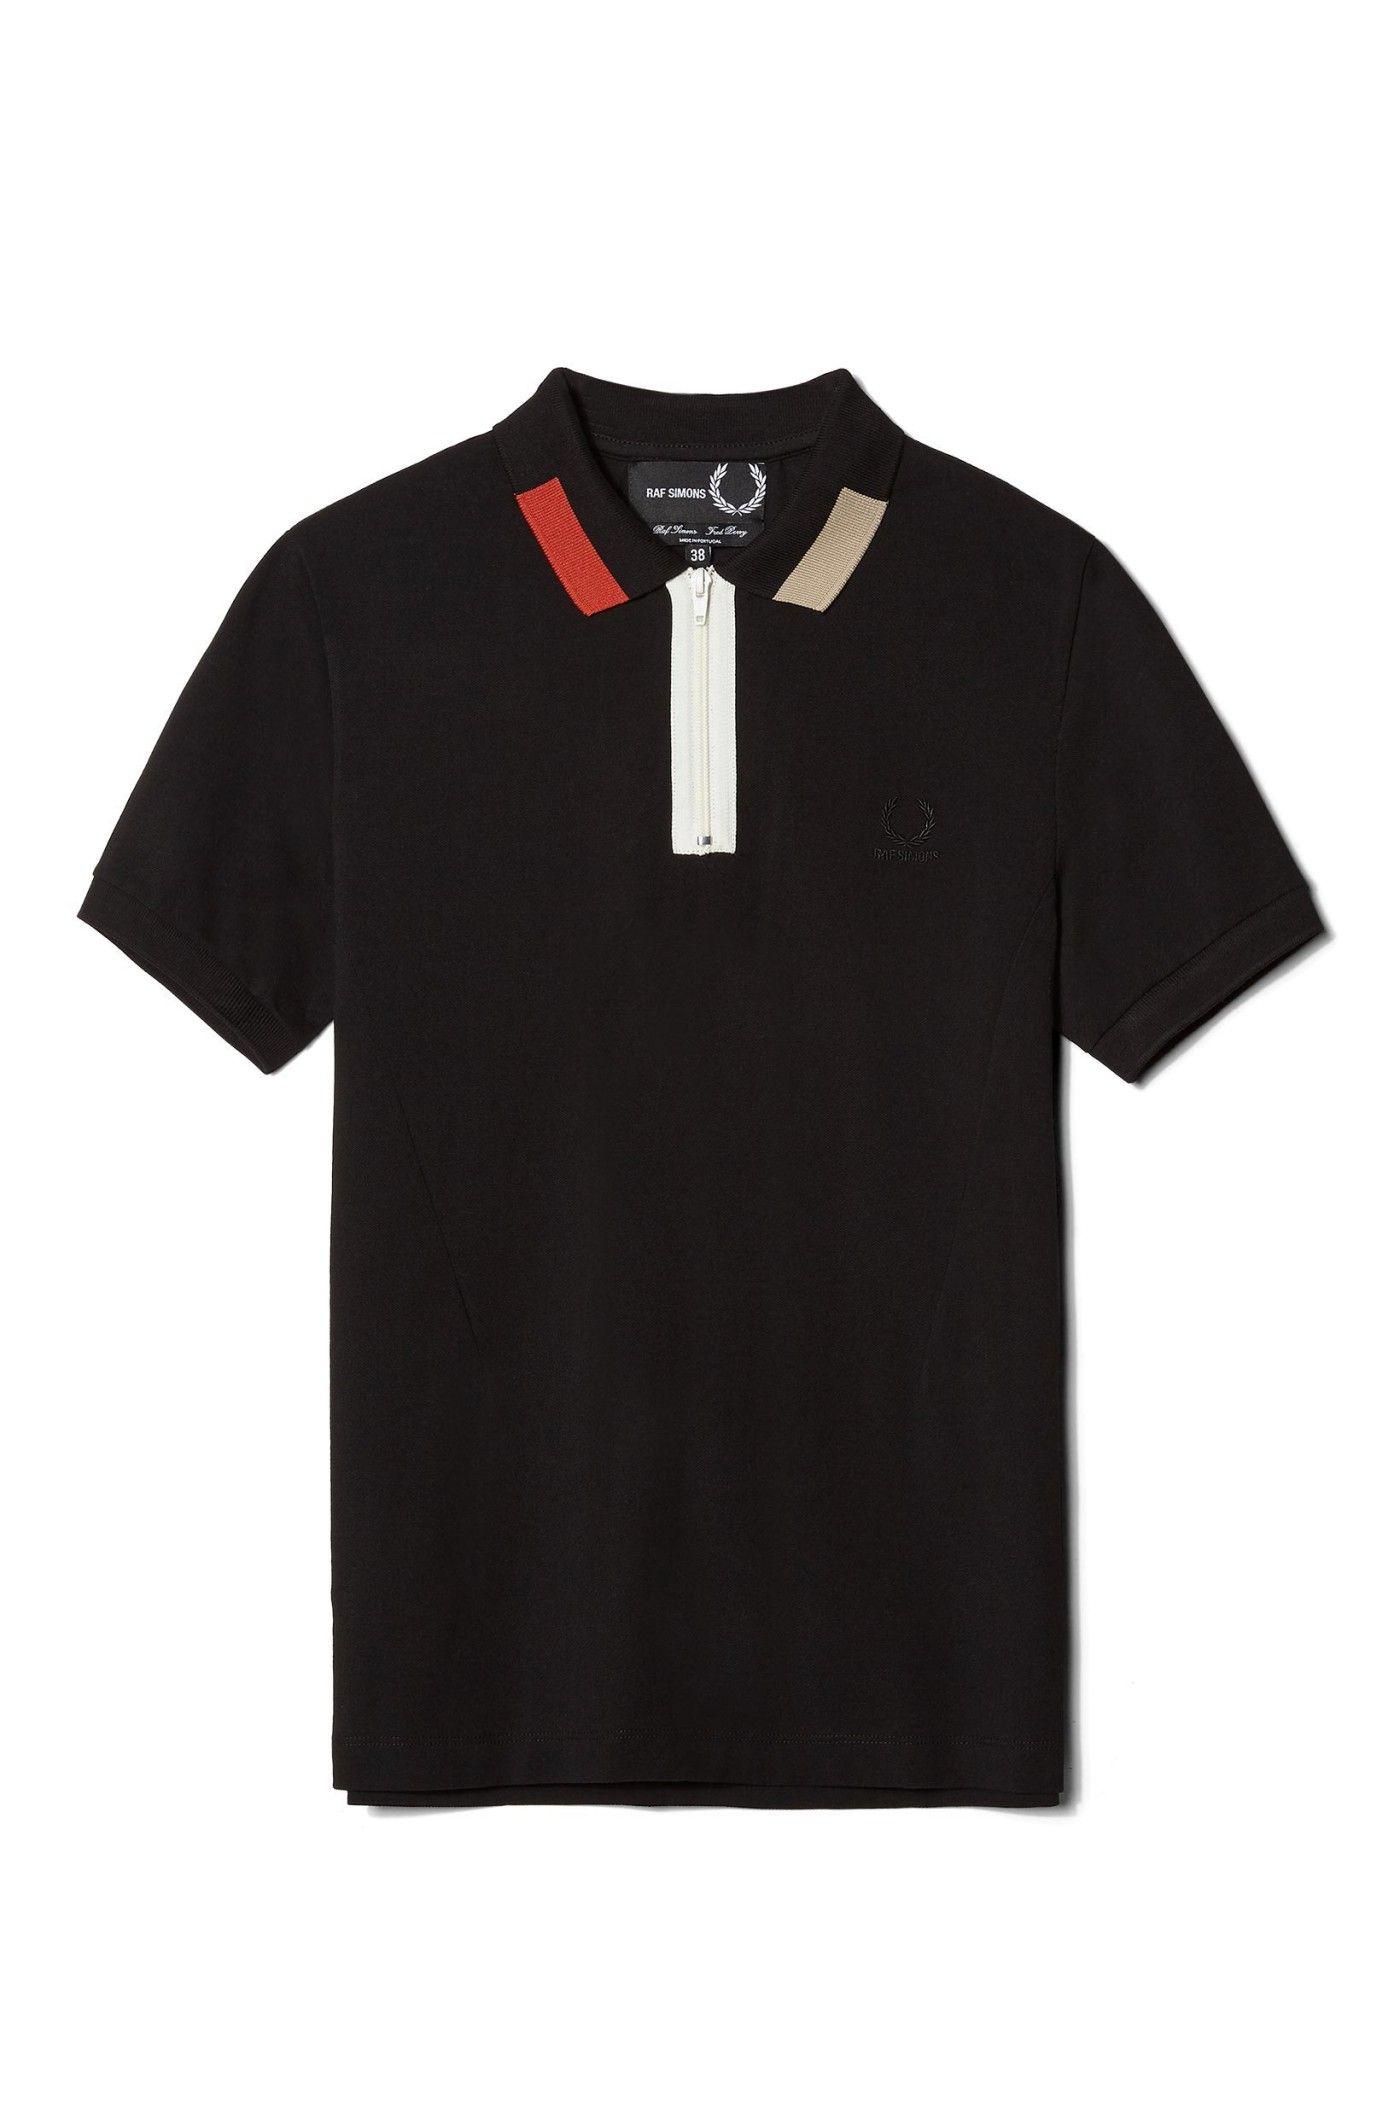 Shirt design and colour - Fred Perry Raf Simons Colour Block Pique Shirt Black